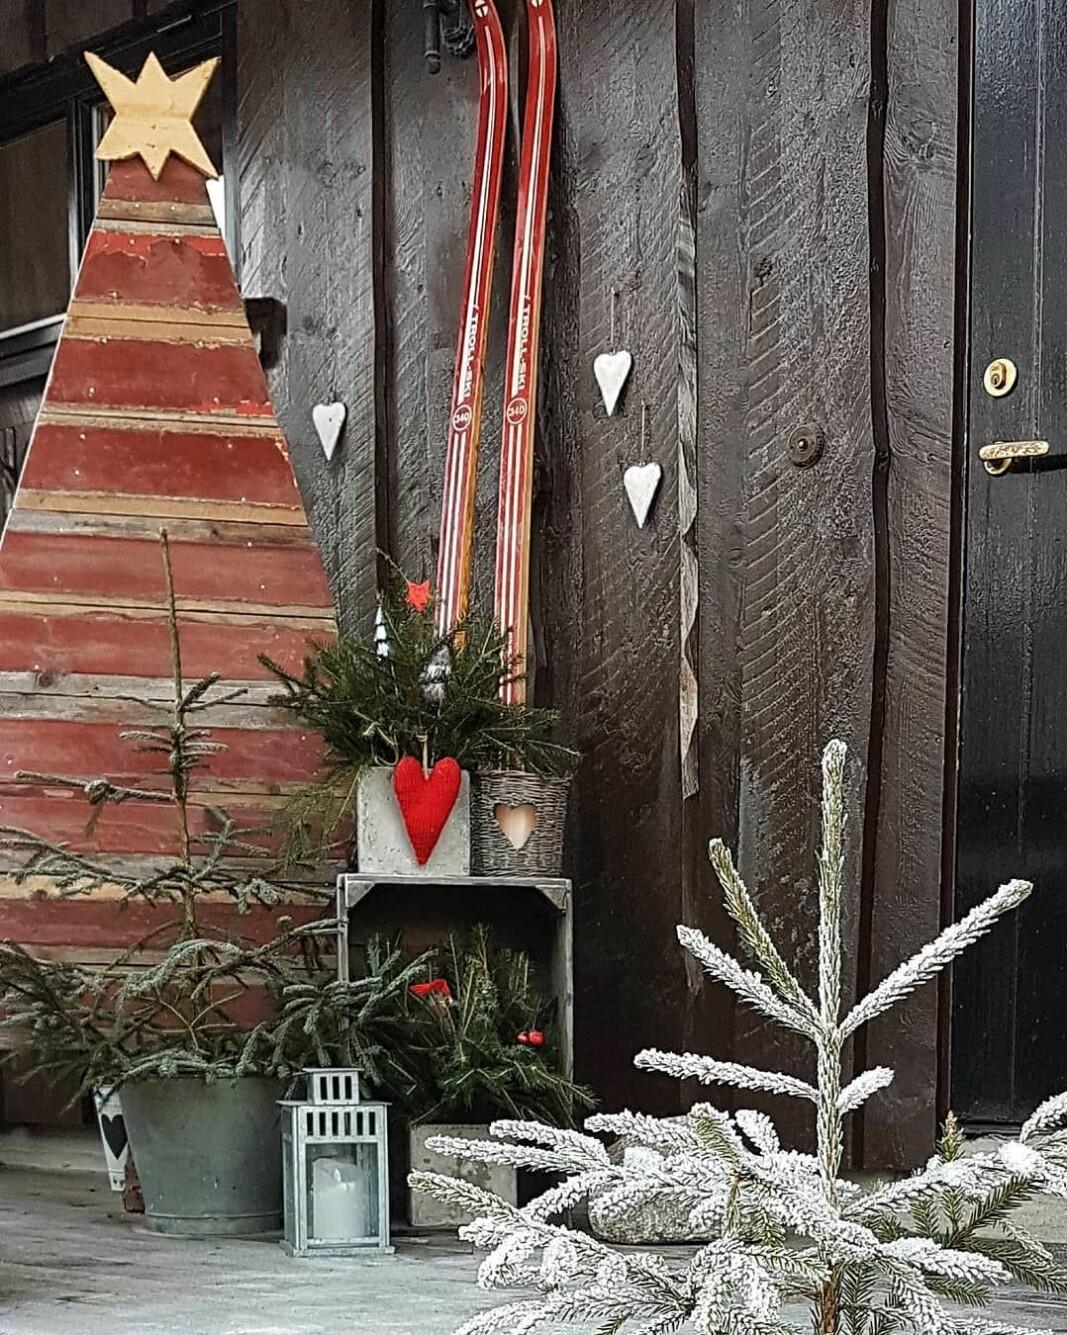 Takk november, velkommen desember. Ventetida er her og jeg har nedtelling til mine døtre kommer hjem på juleferie #advent #ventetid #rindal_tidtilåleve